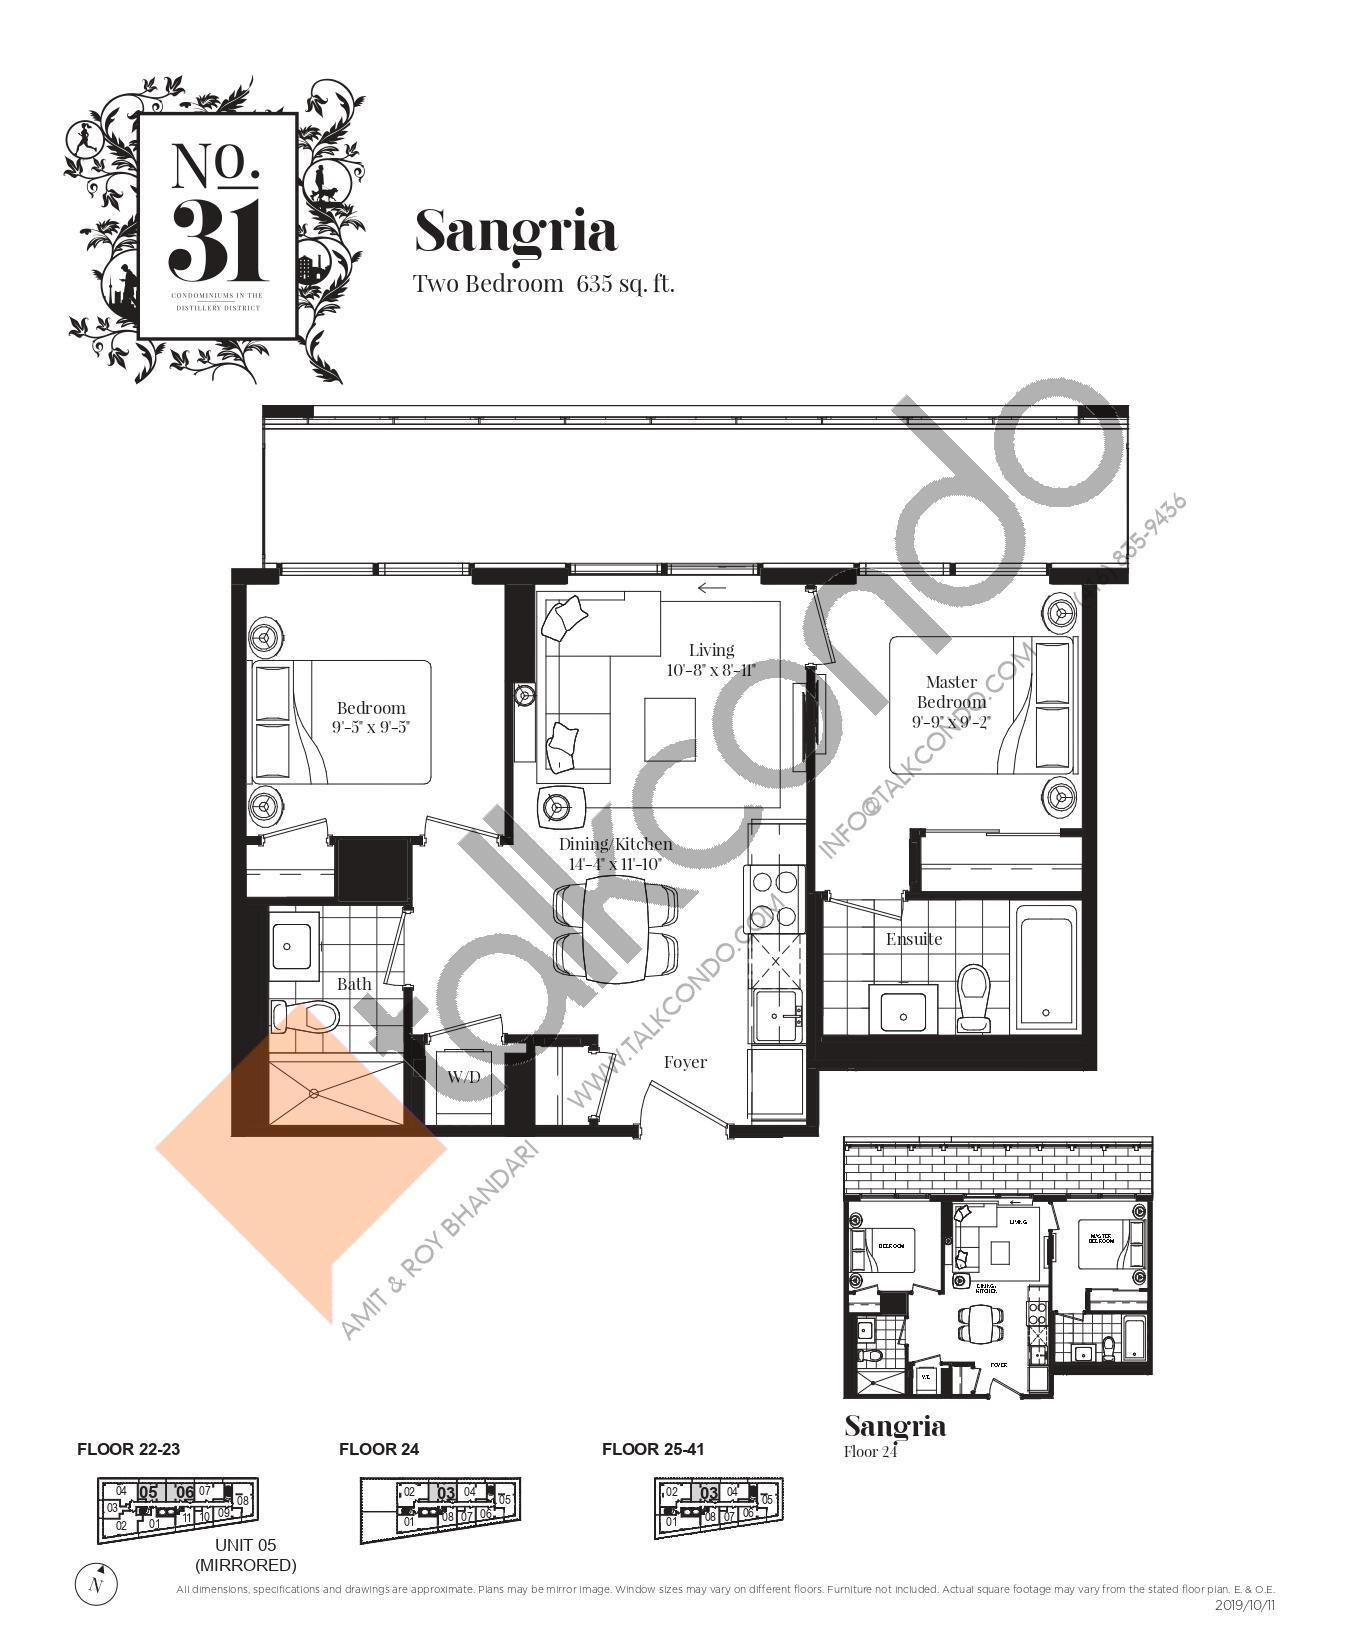 Sangria Floor Plan at No. 31 Condos - 635 sq.ft